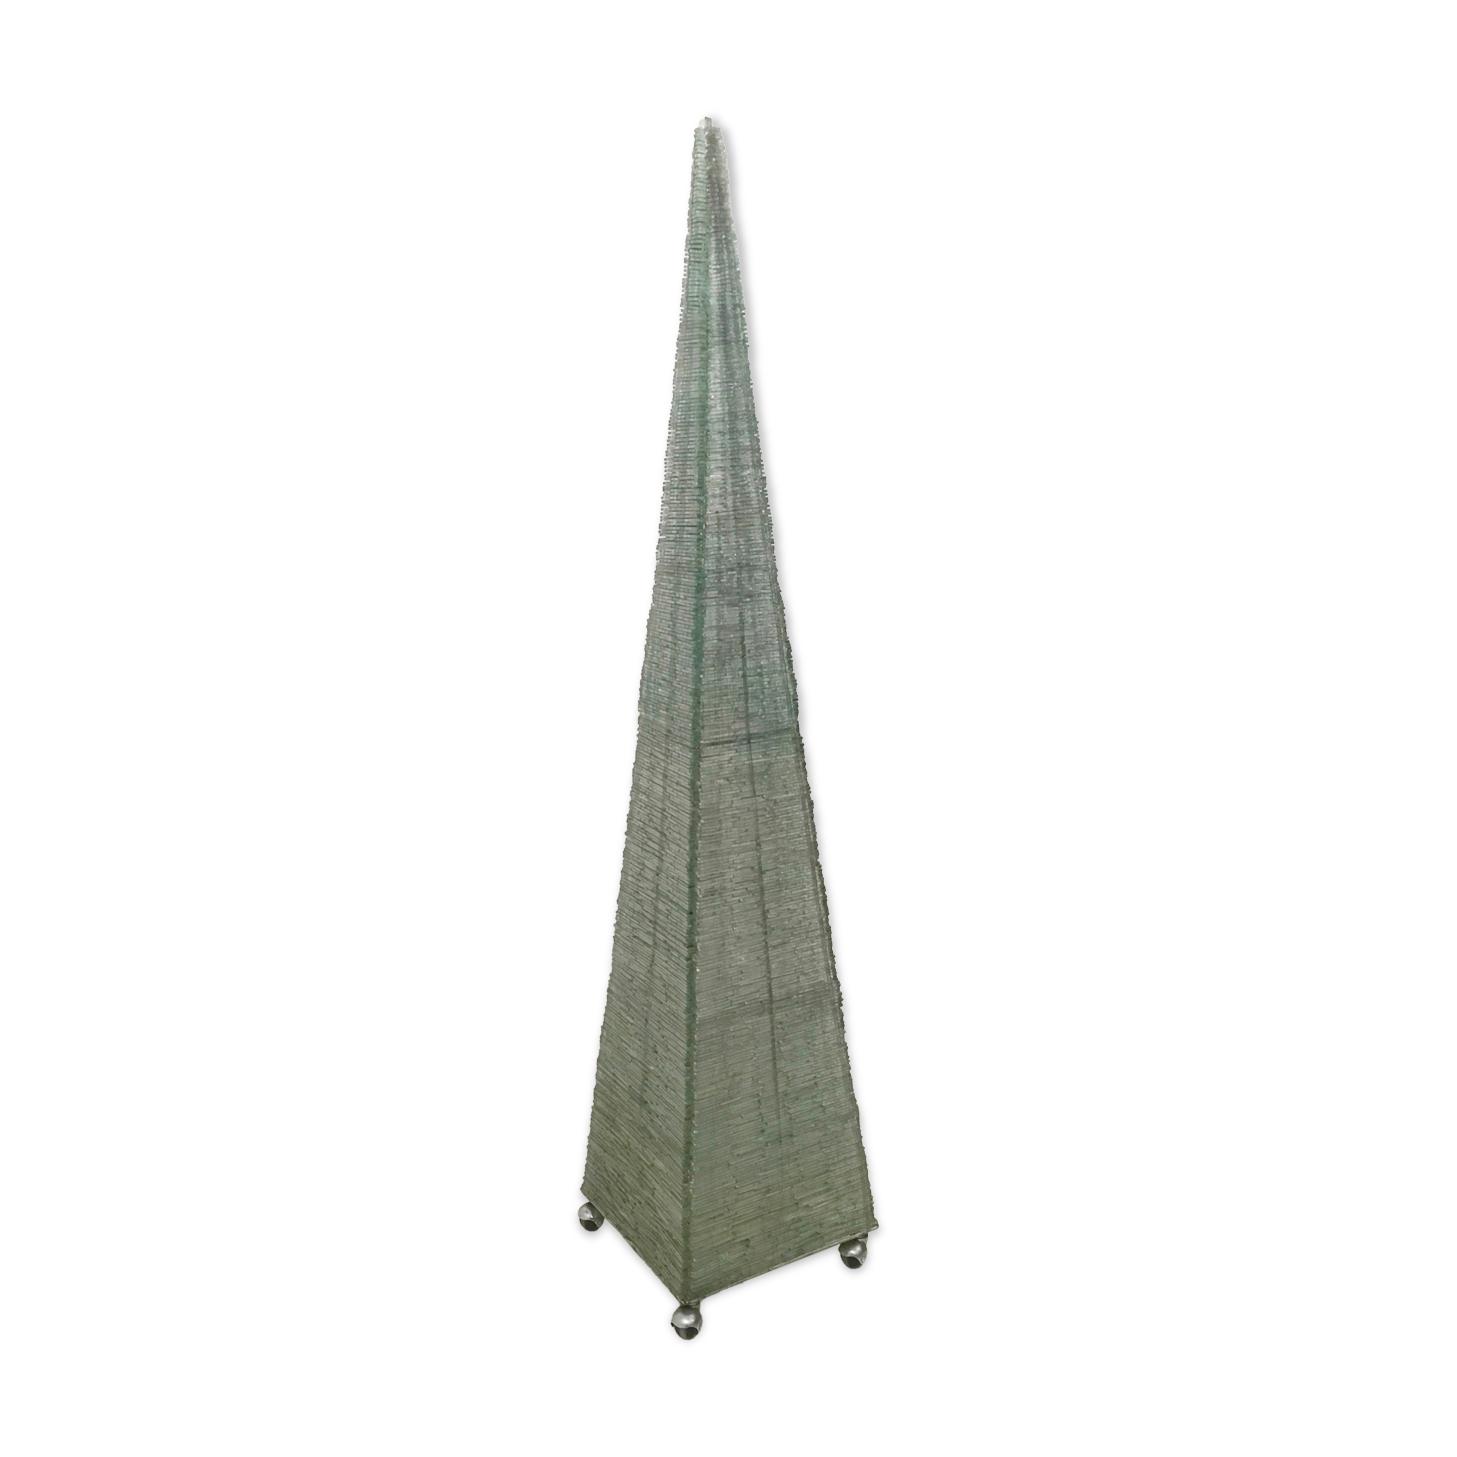 Lampadaire pyramide vintage avec perles de verre vert, italie des années 1980